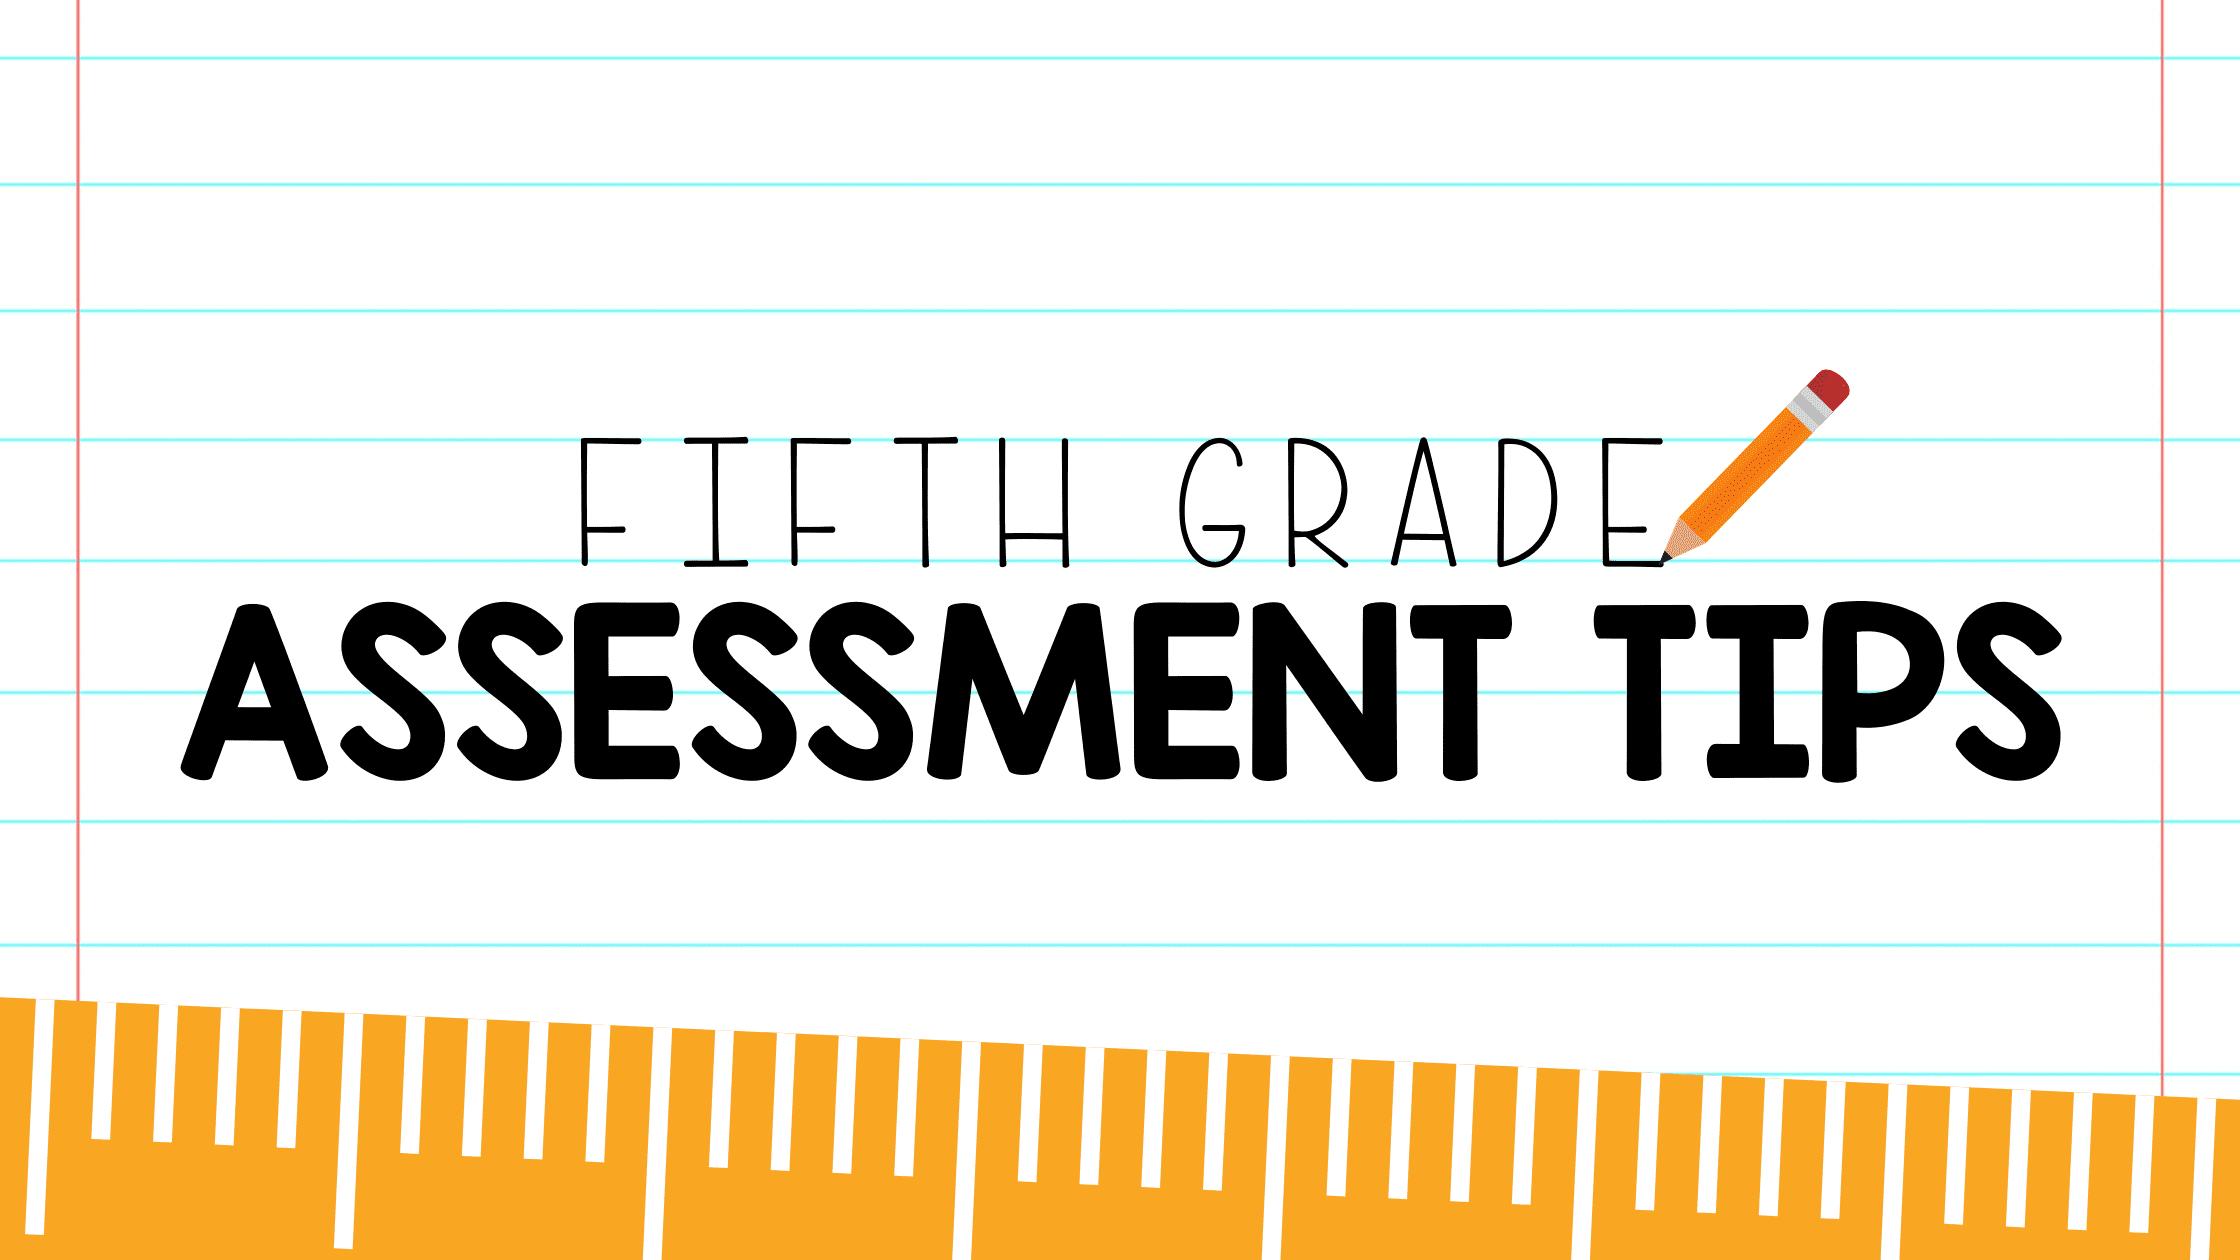 5th Grade Assessment Tips